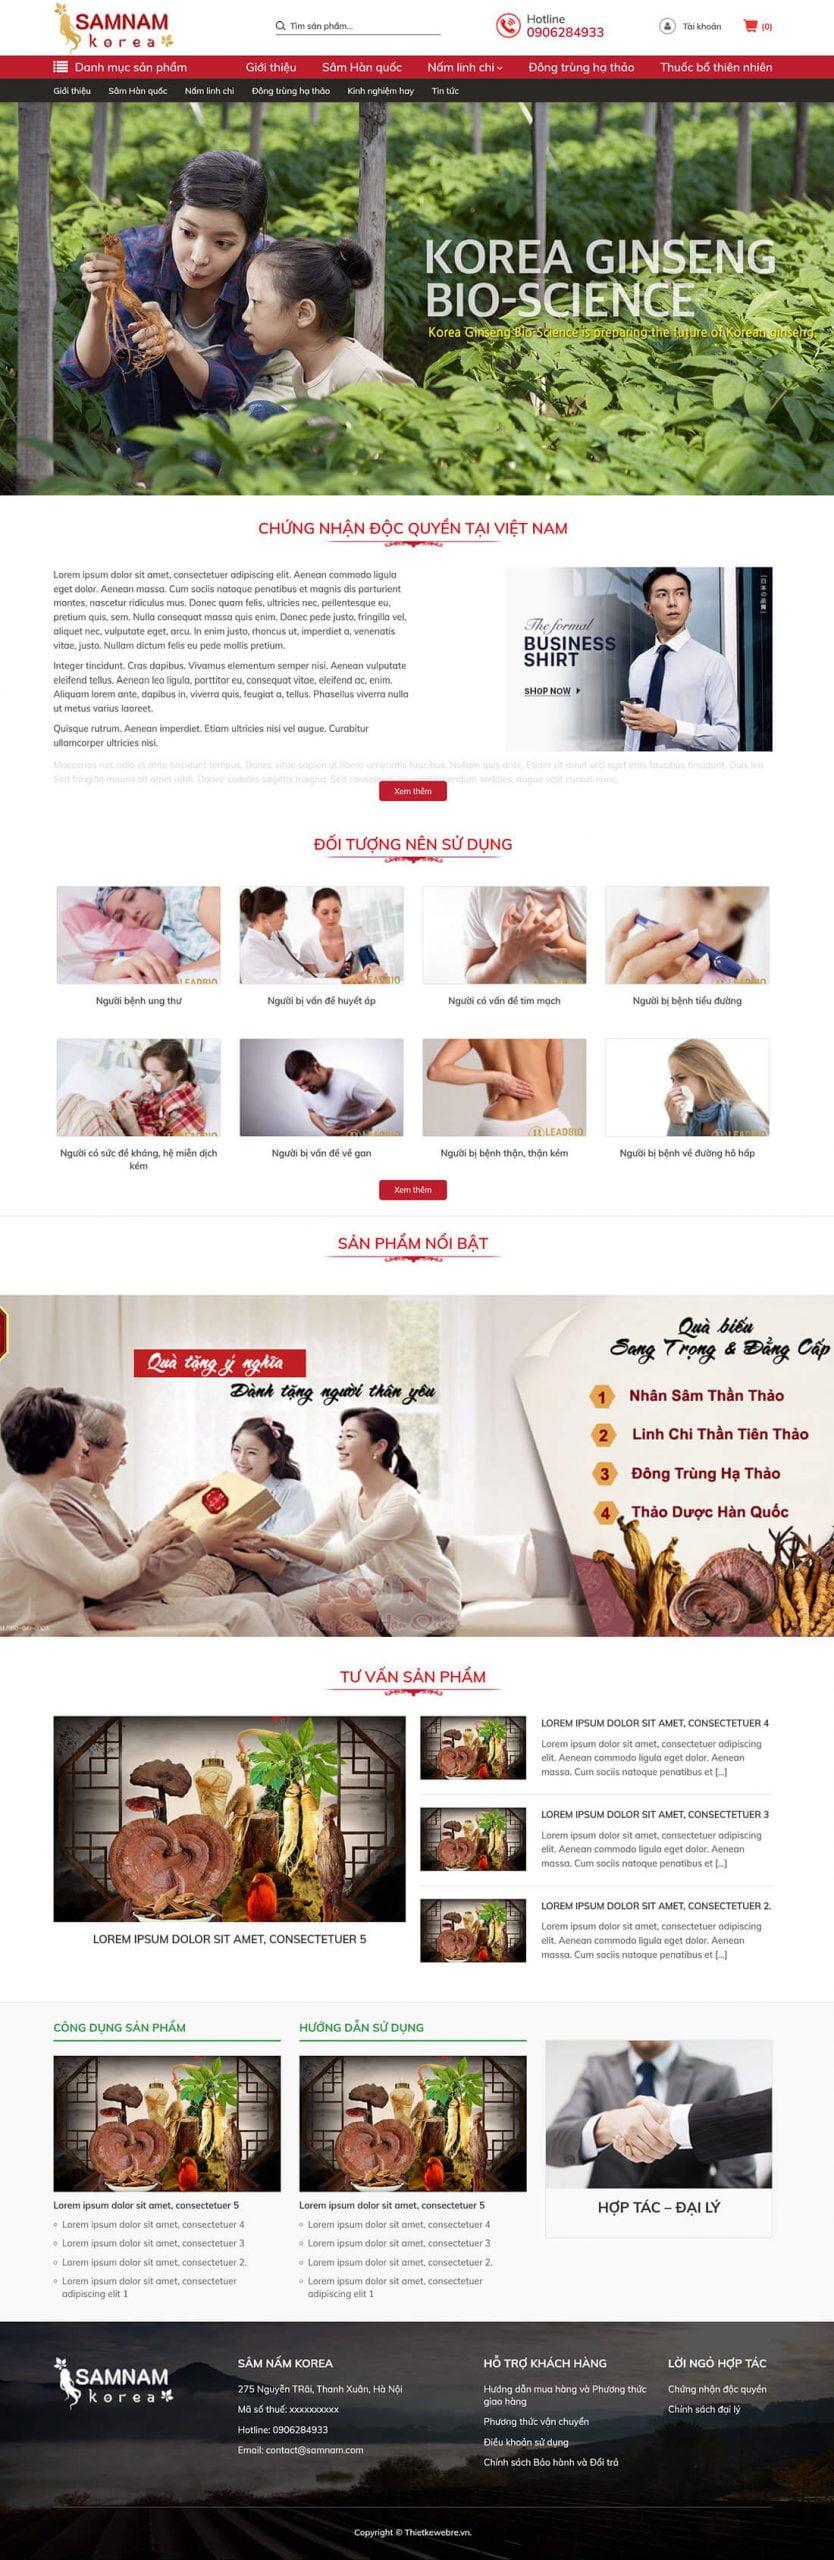 Thiết kế web Sâm Nấm, Thực phẩm chức năng